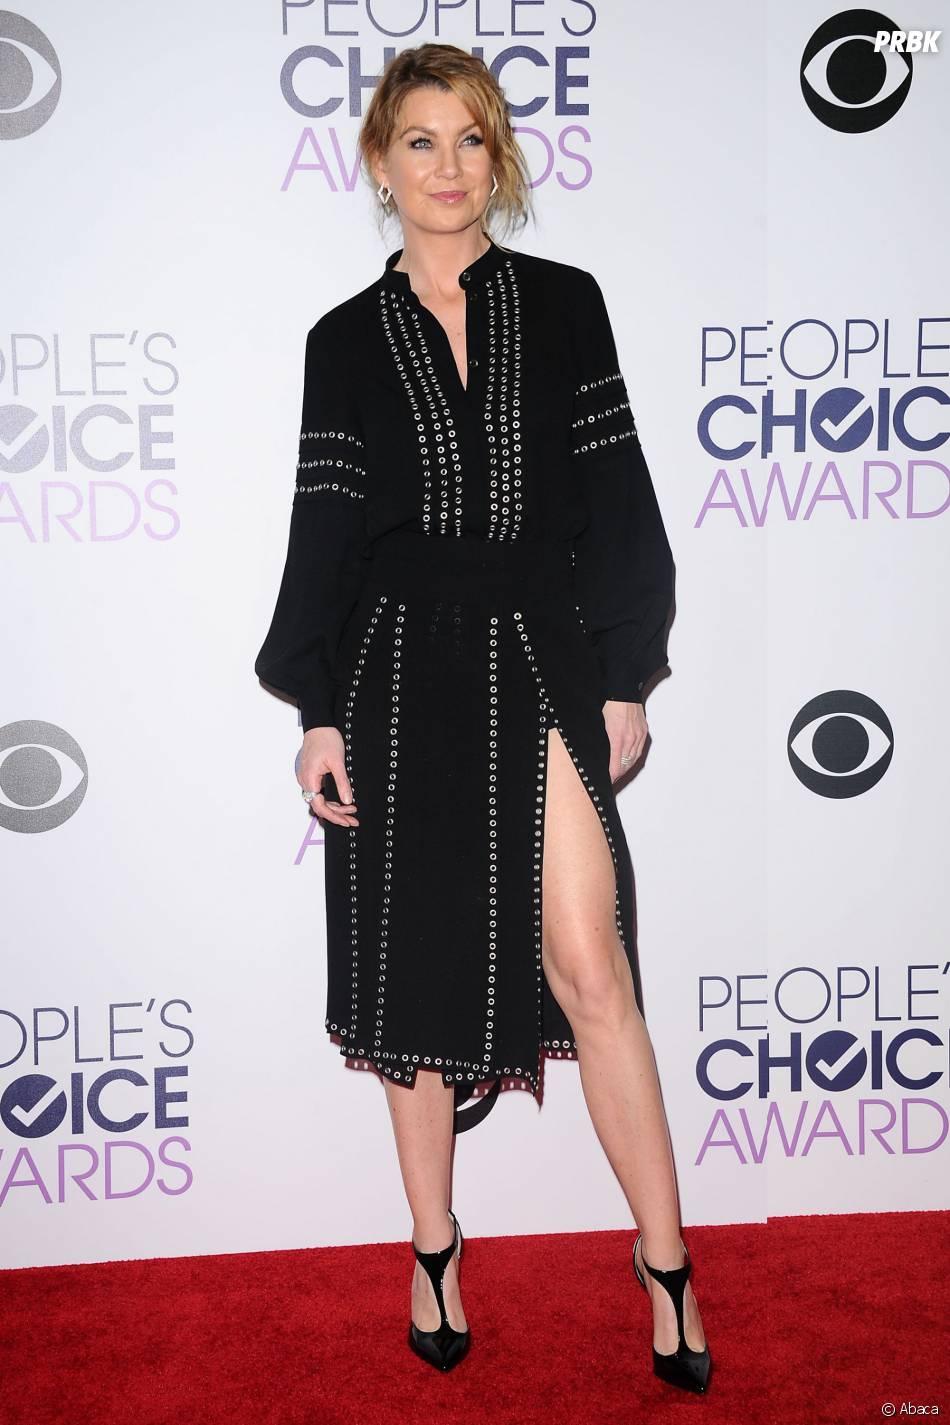 People's Choice Awards 2016 : Ellen Pompeosur le tapis rouge le 6 janvier